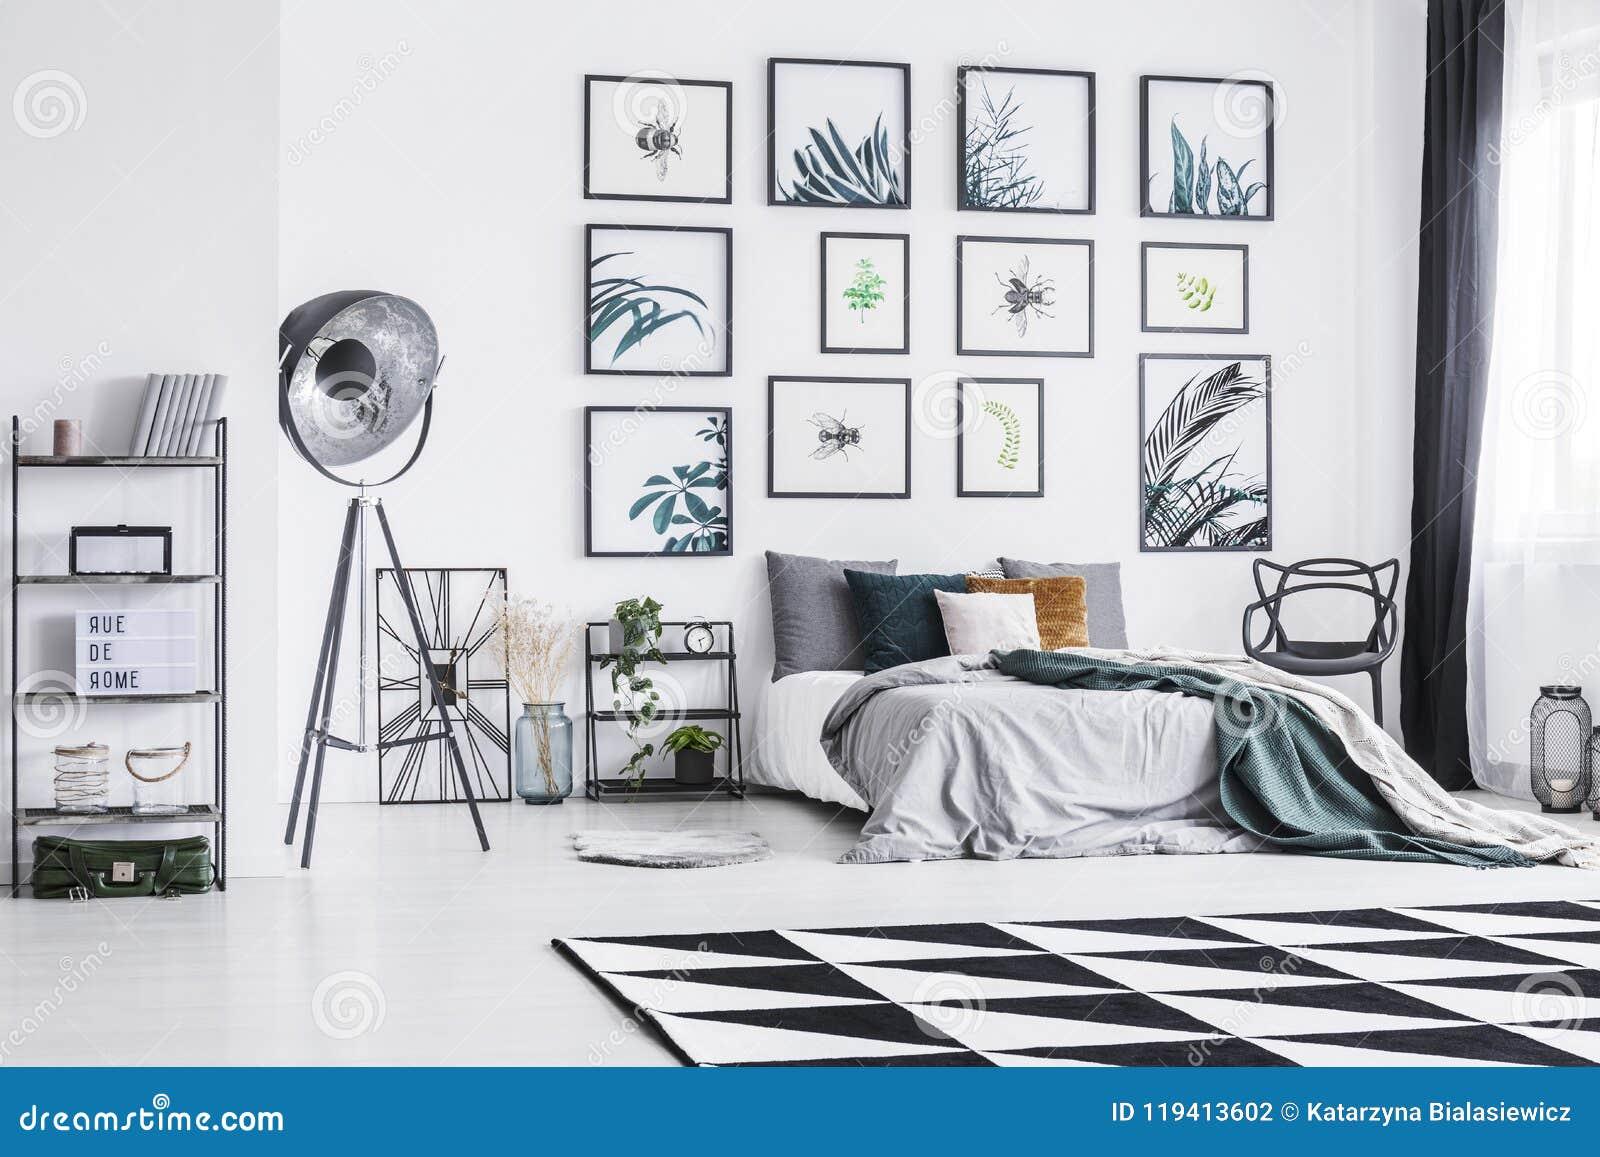 Tapis Noir Et Blanc Placé Sur Le Plancher Dans L Intérieur Lumineux De  Chambre à Coucher